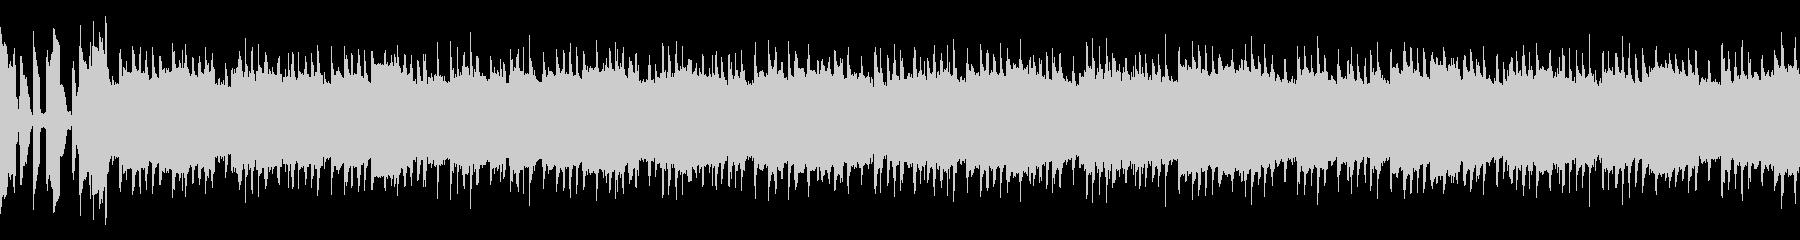 バトルモード突入のテンション上げの曲の未再生の波形